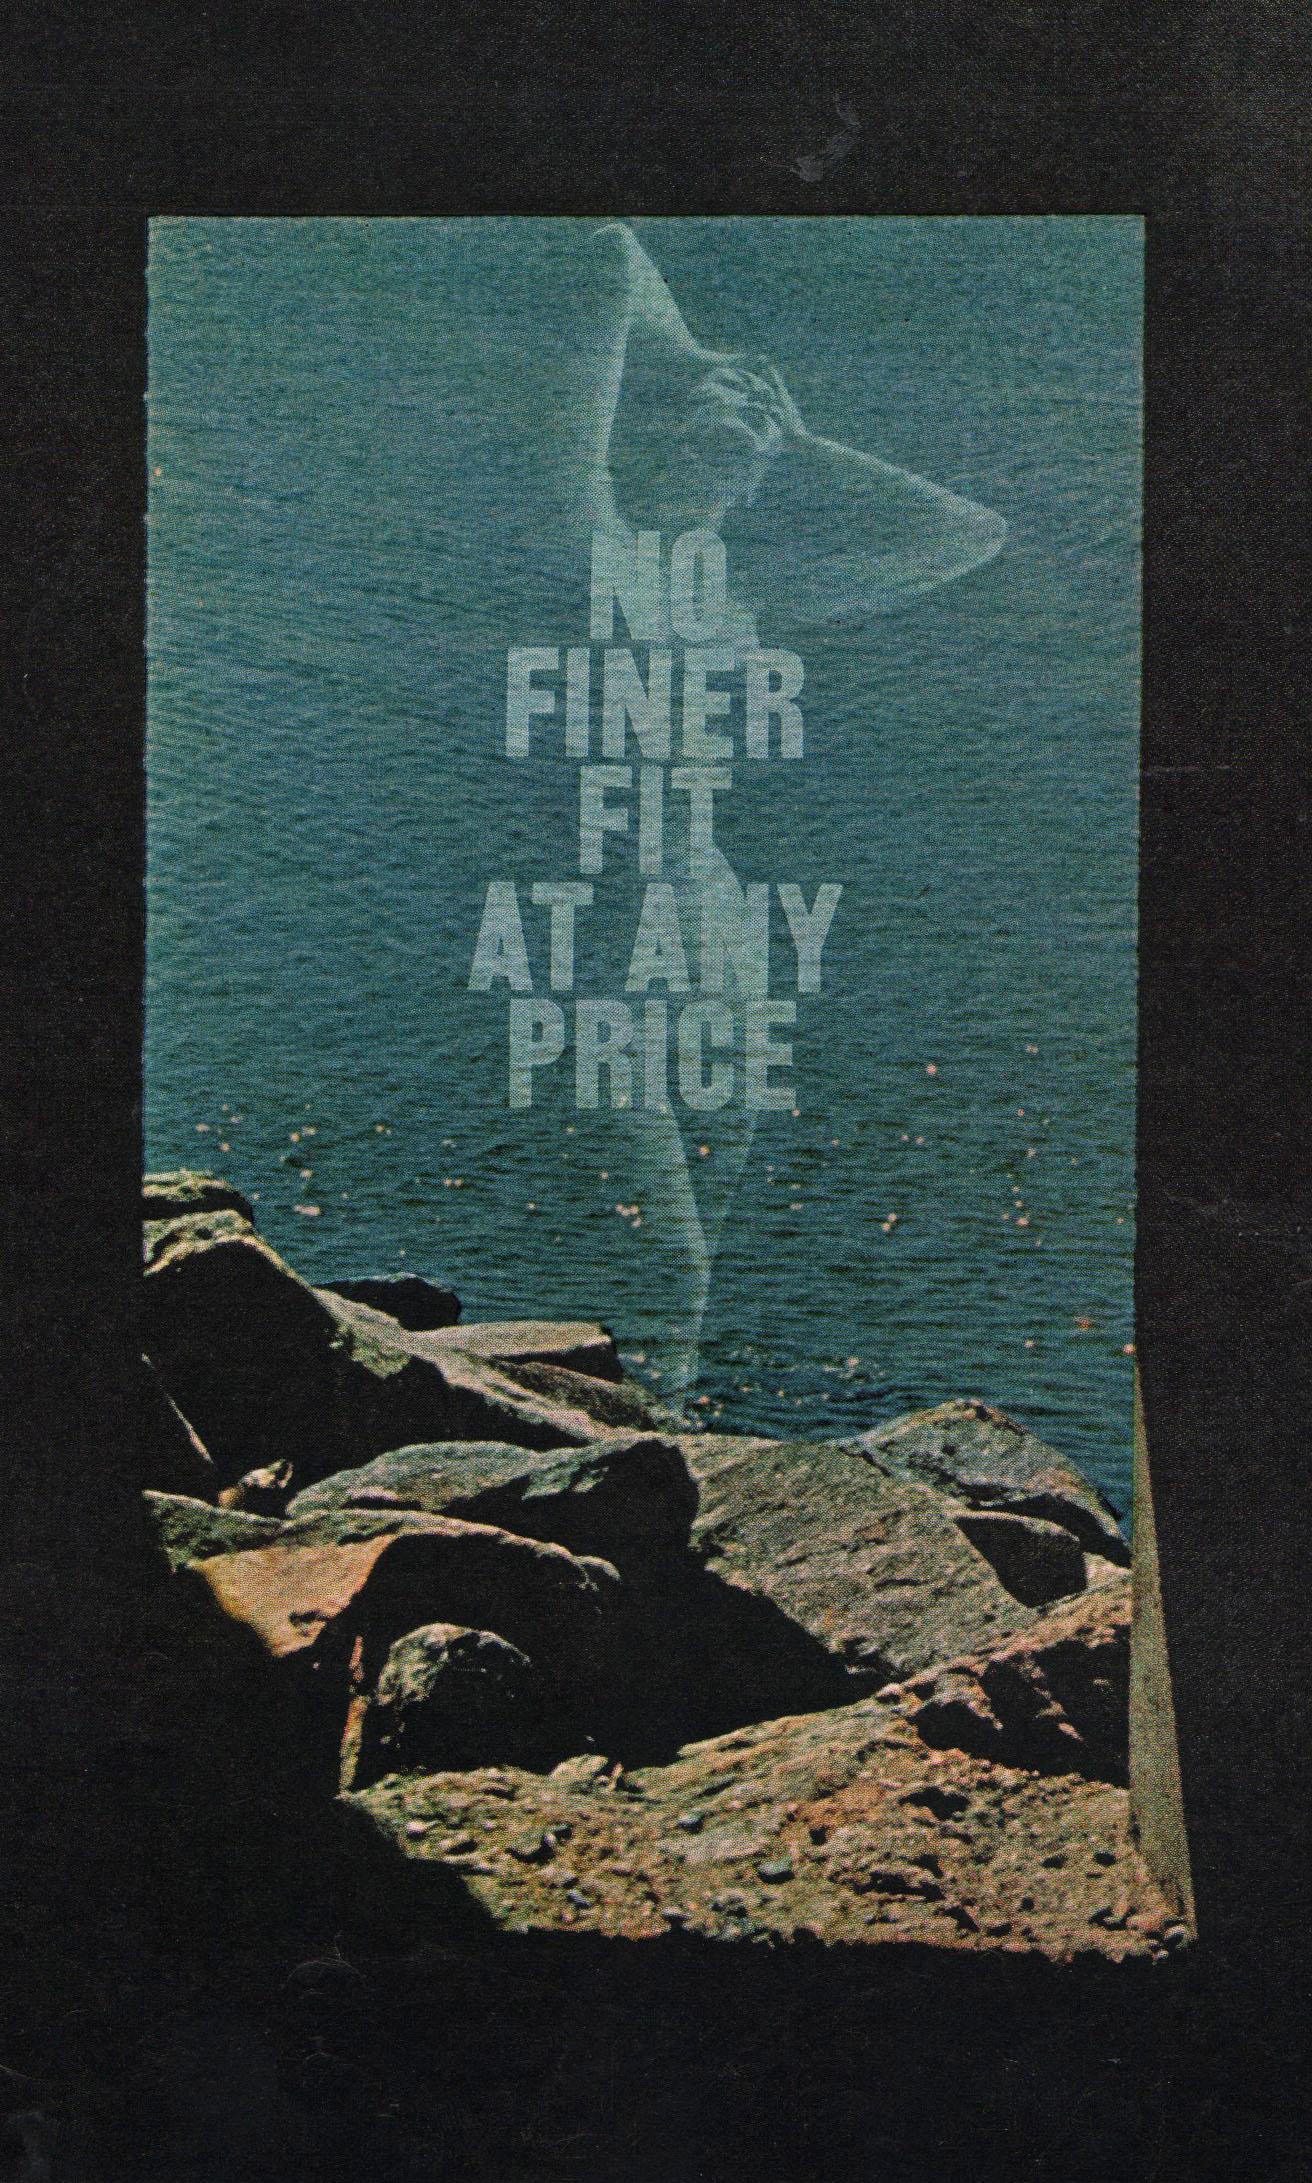 No Finer Fit